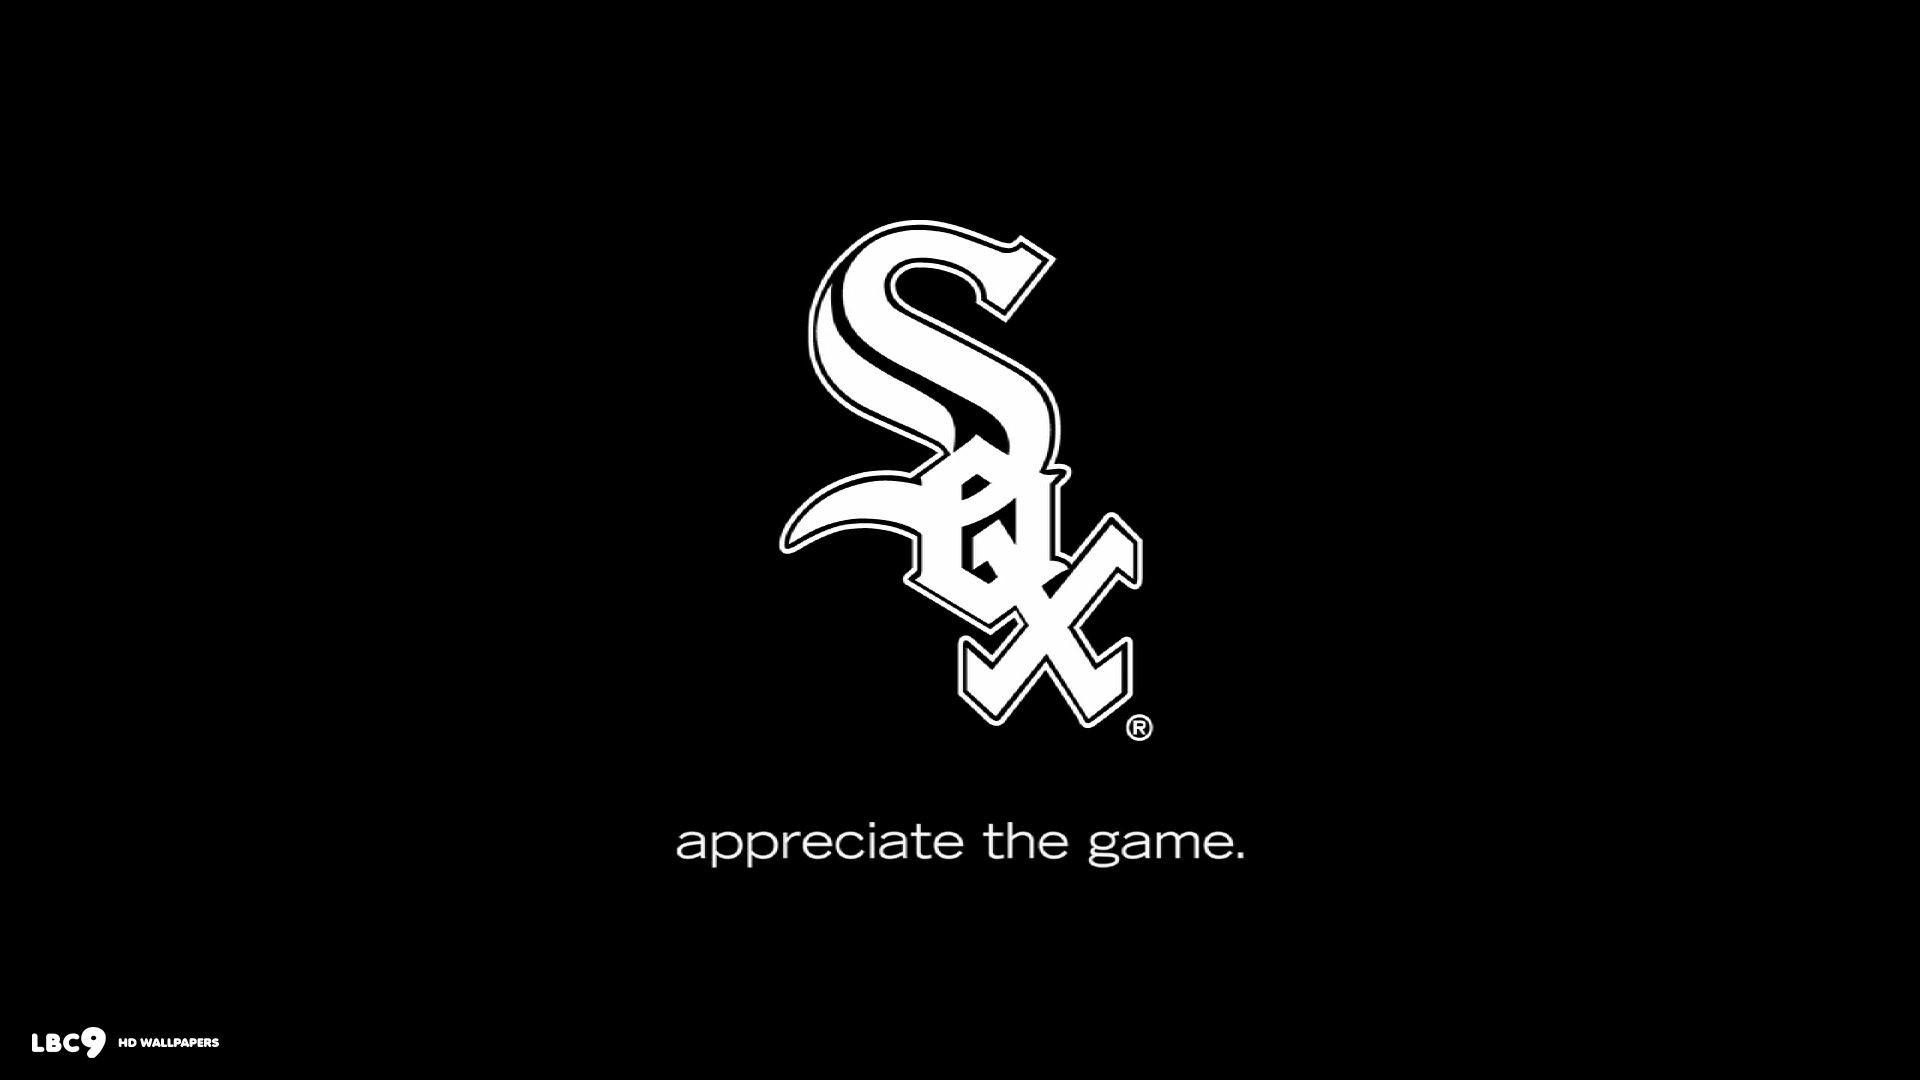 white sox appreciate the game